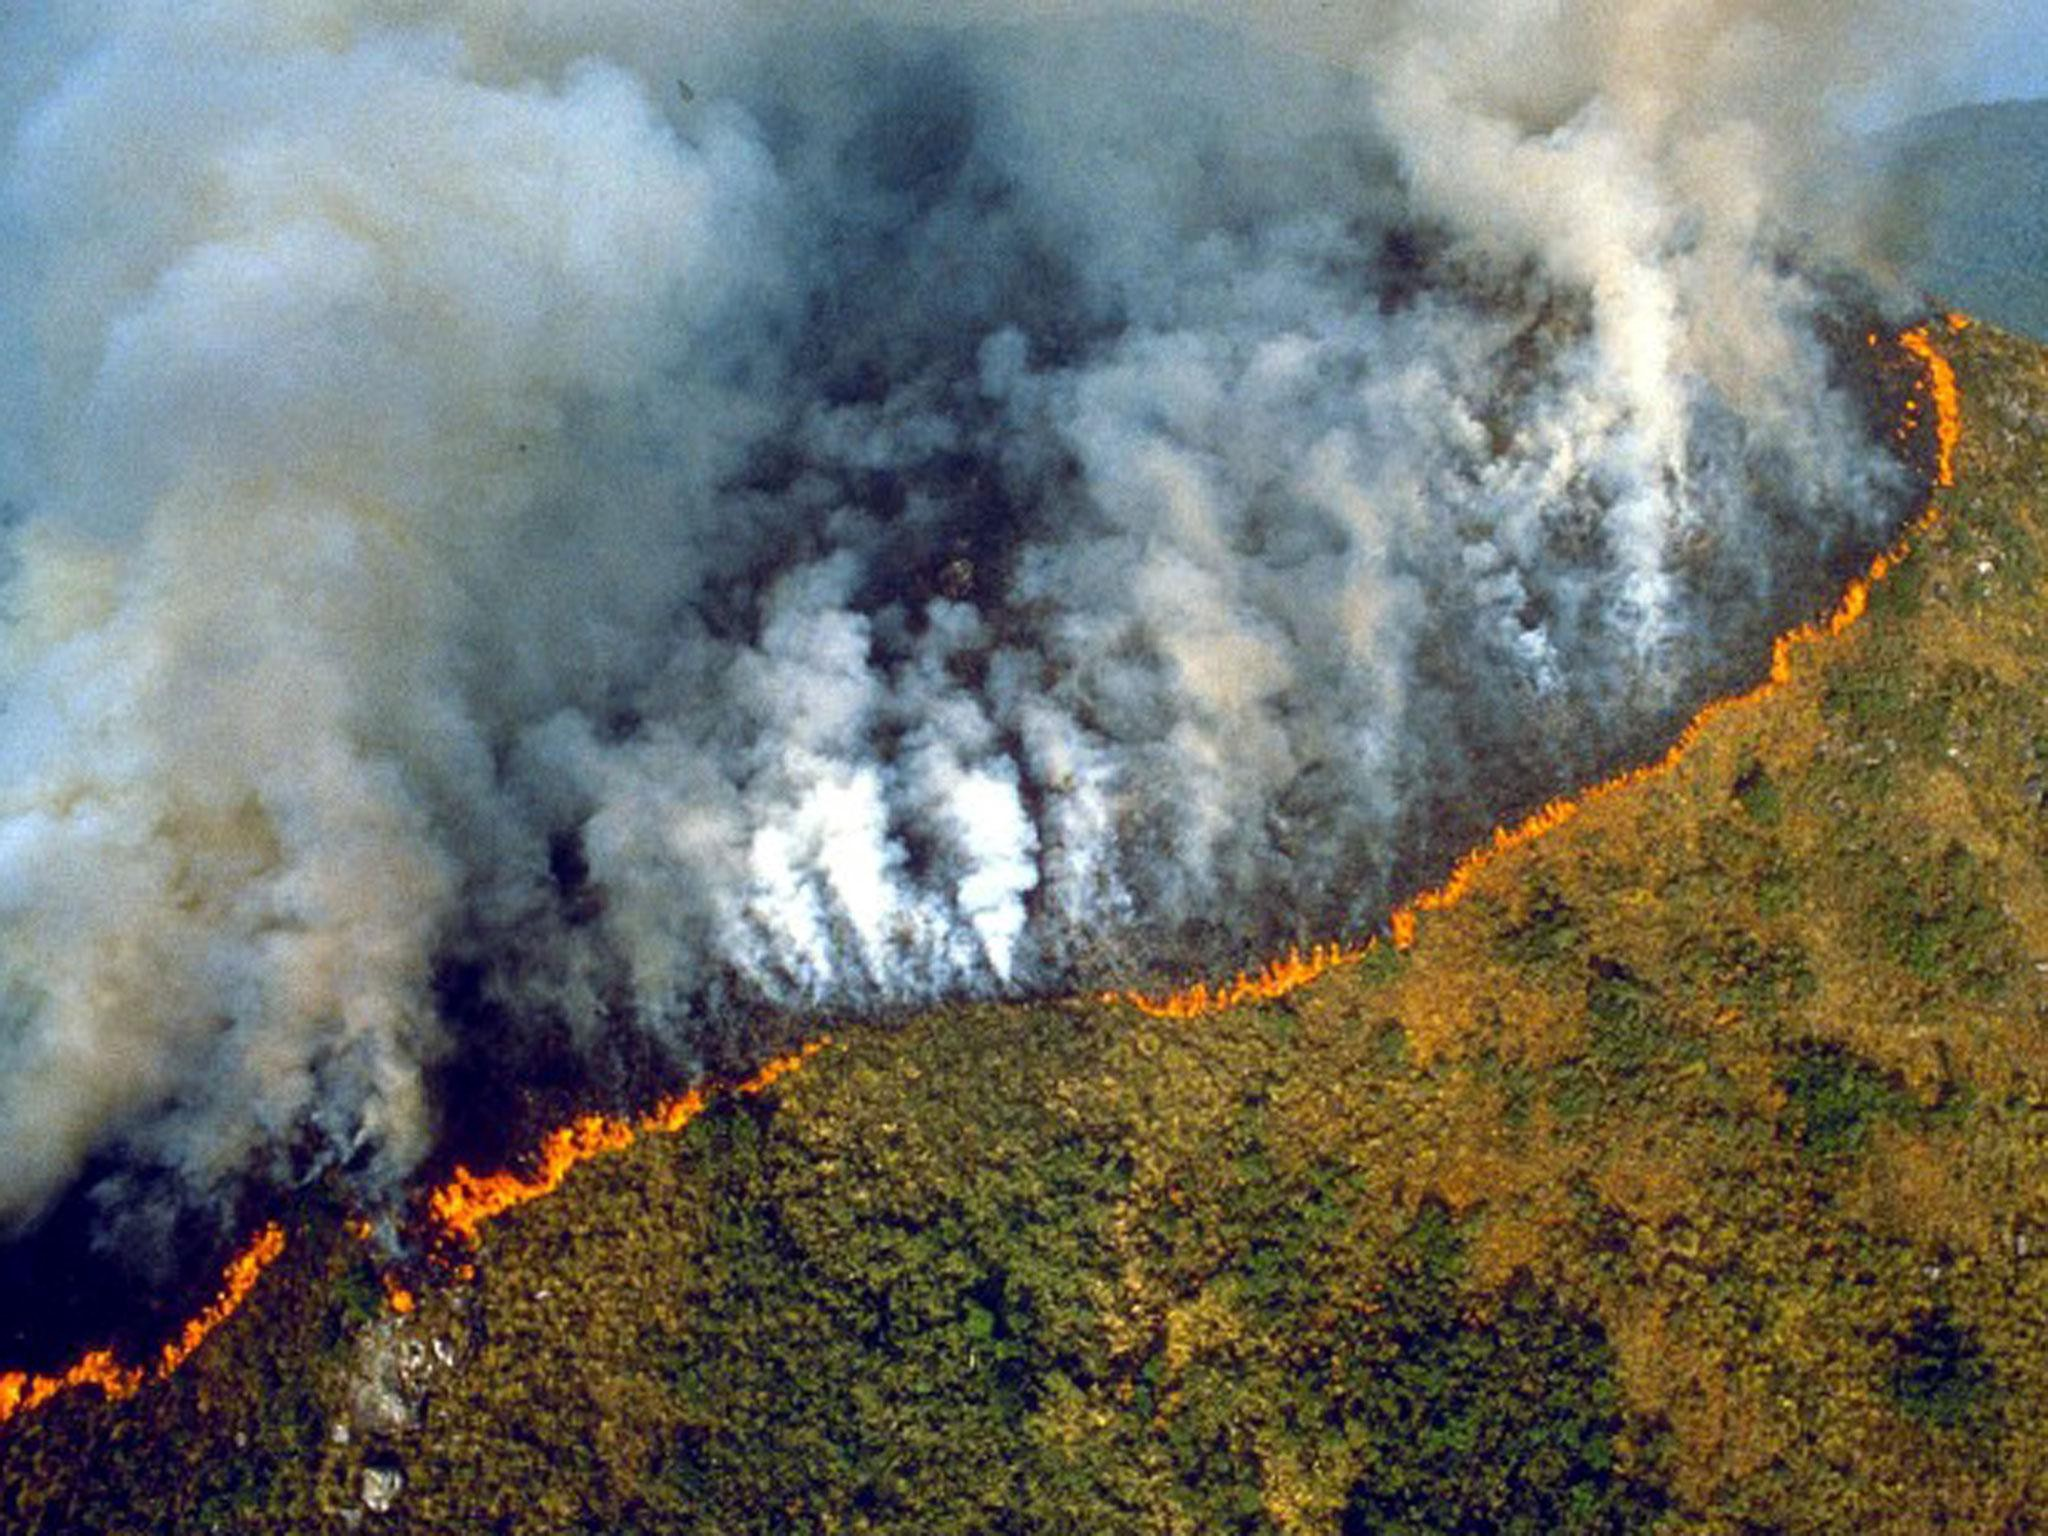 Ежегодные лесные пожары наносят огромный вред целым эоксистемам.